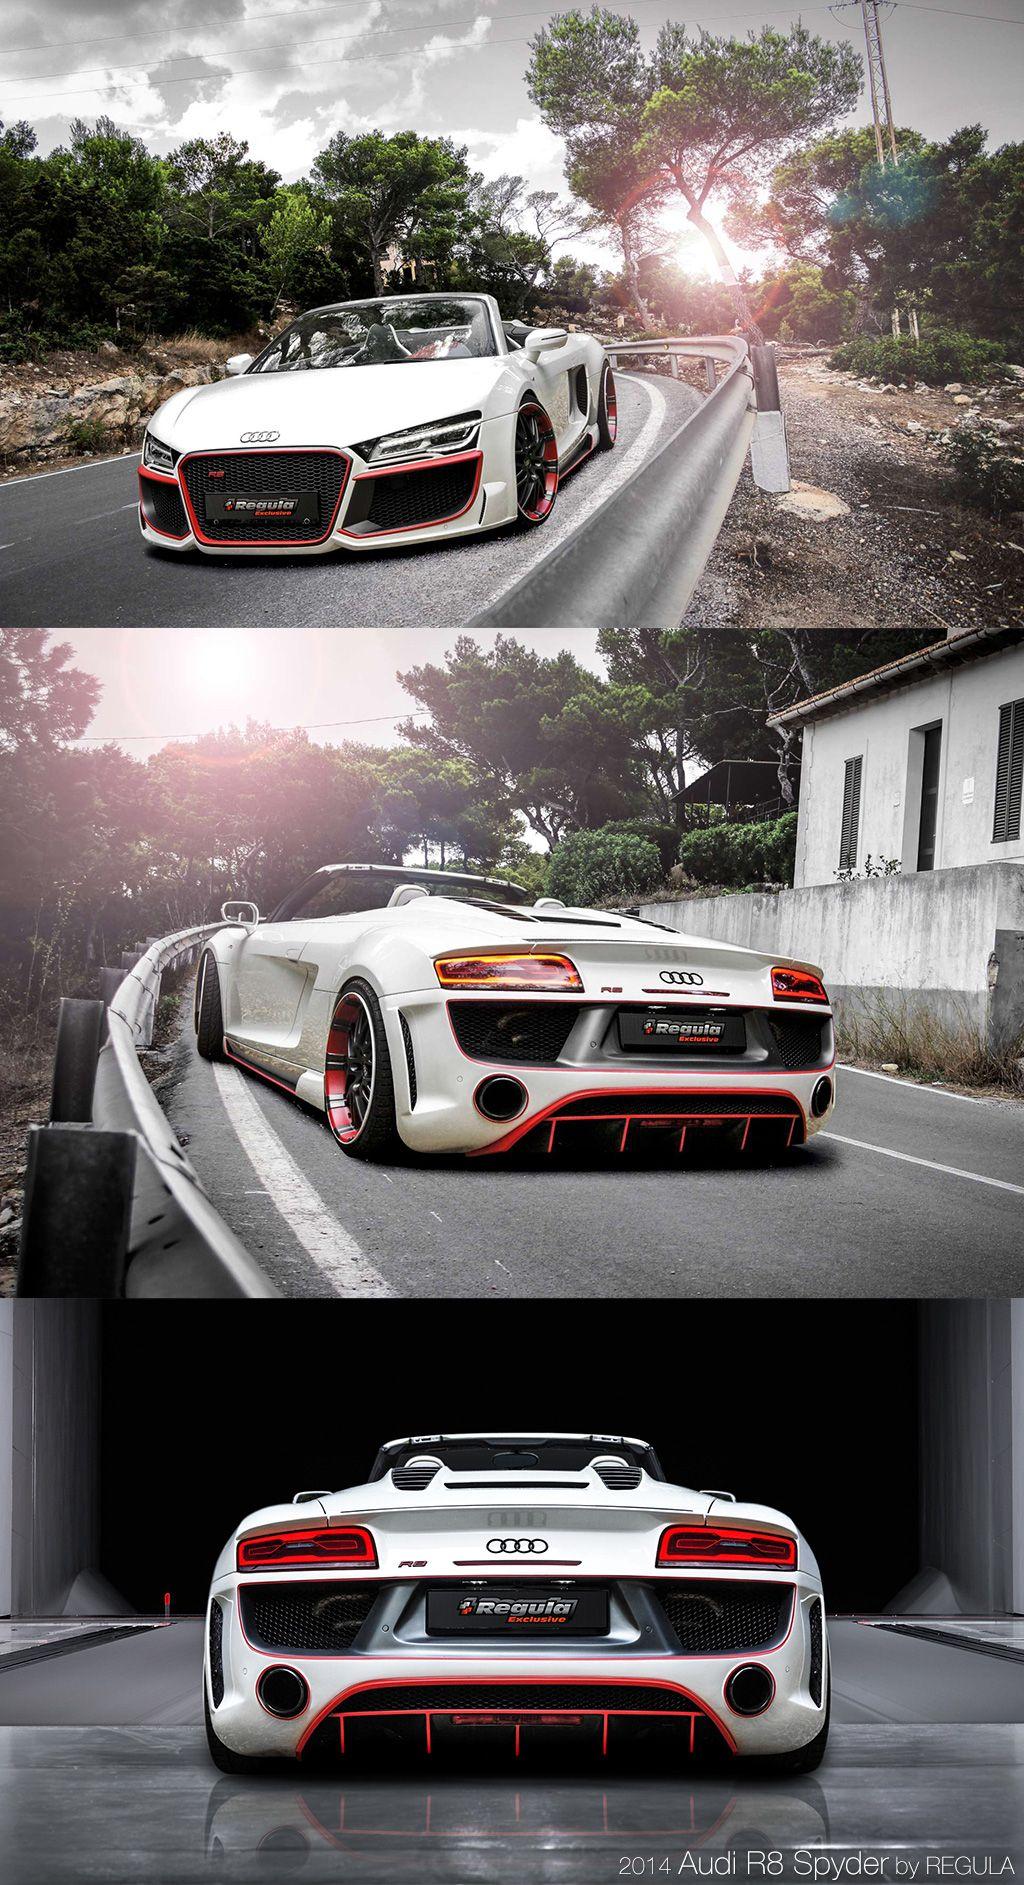 Lieber Dschinni ich wünsche mir sehr dieses Auto, oder es einfach für einen Monat fahren zu dürfen Audi R8 V10 by REGULA tuning #lieberDschinni #amazingcars